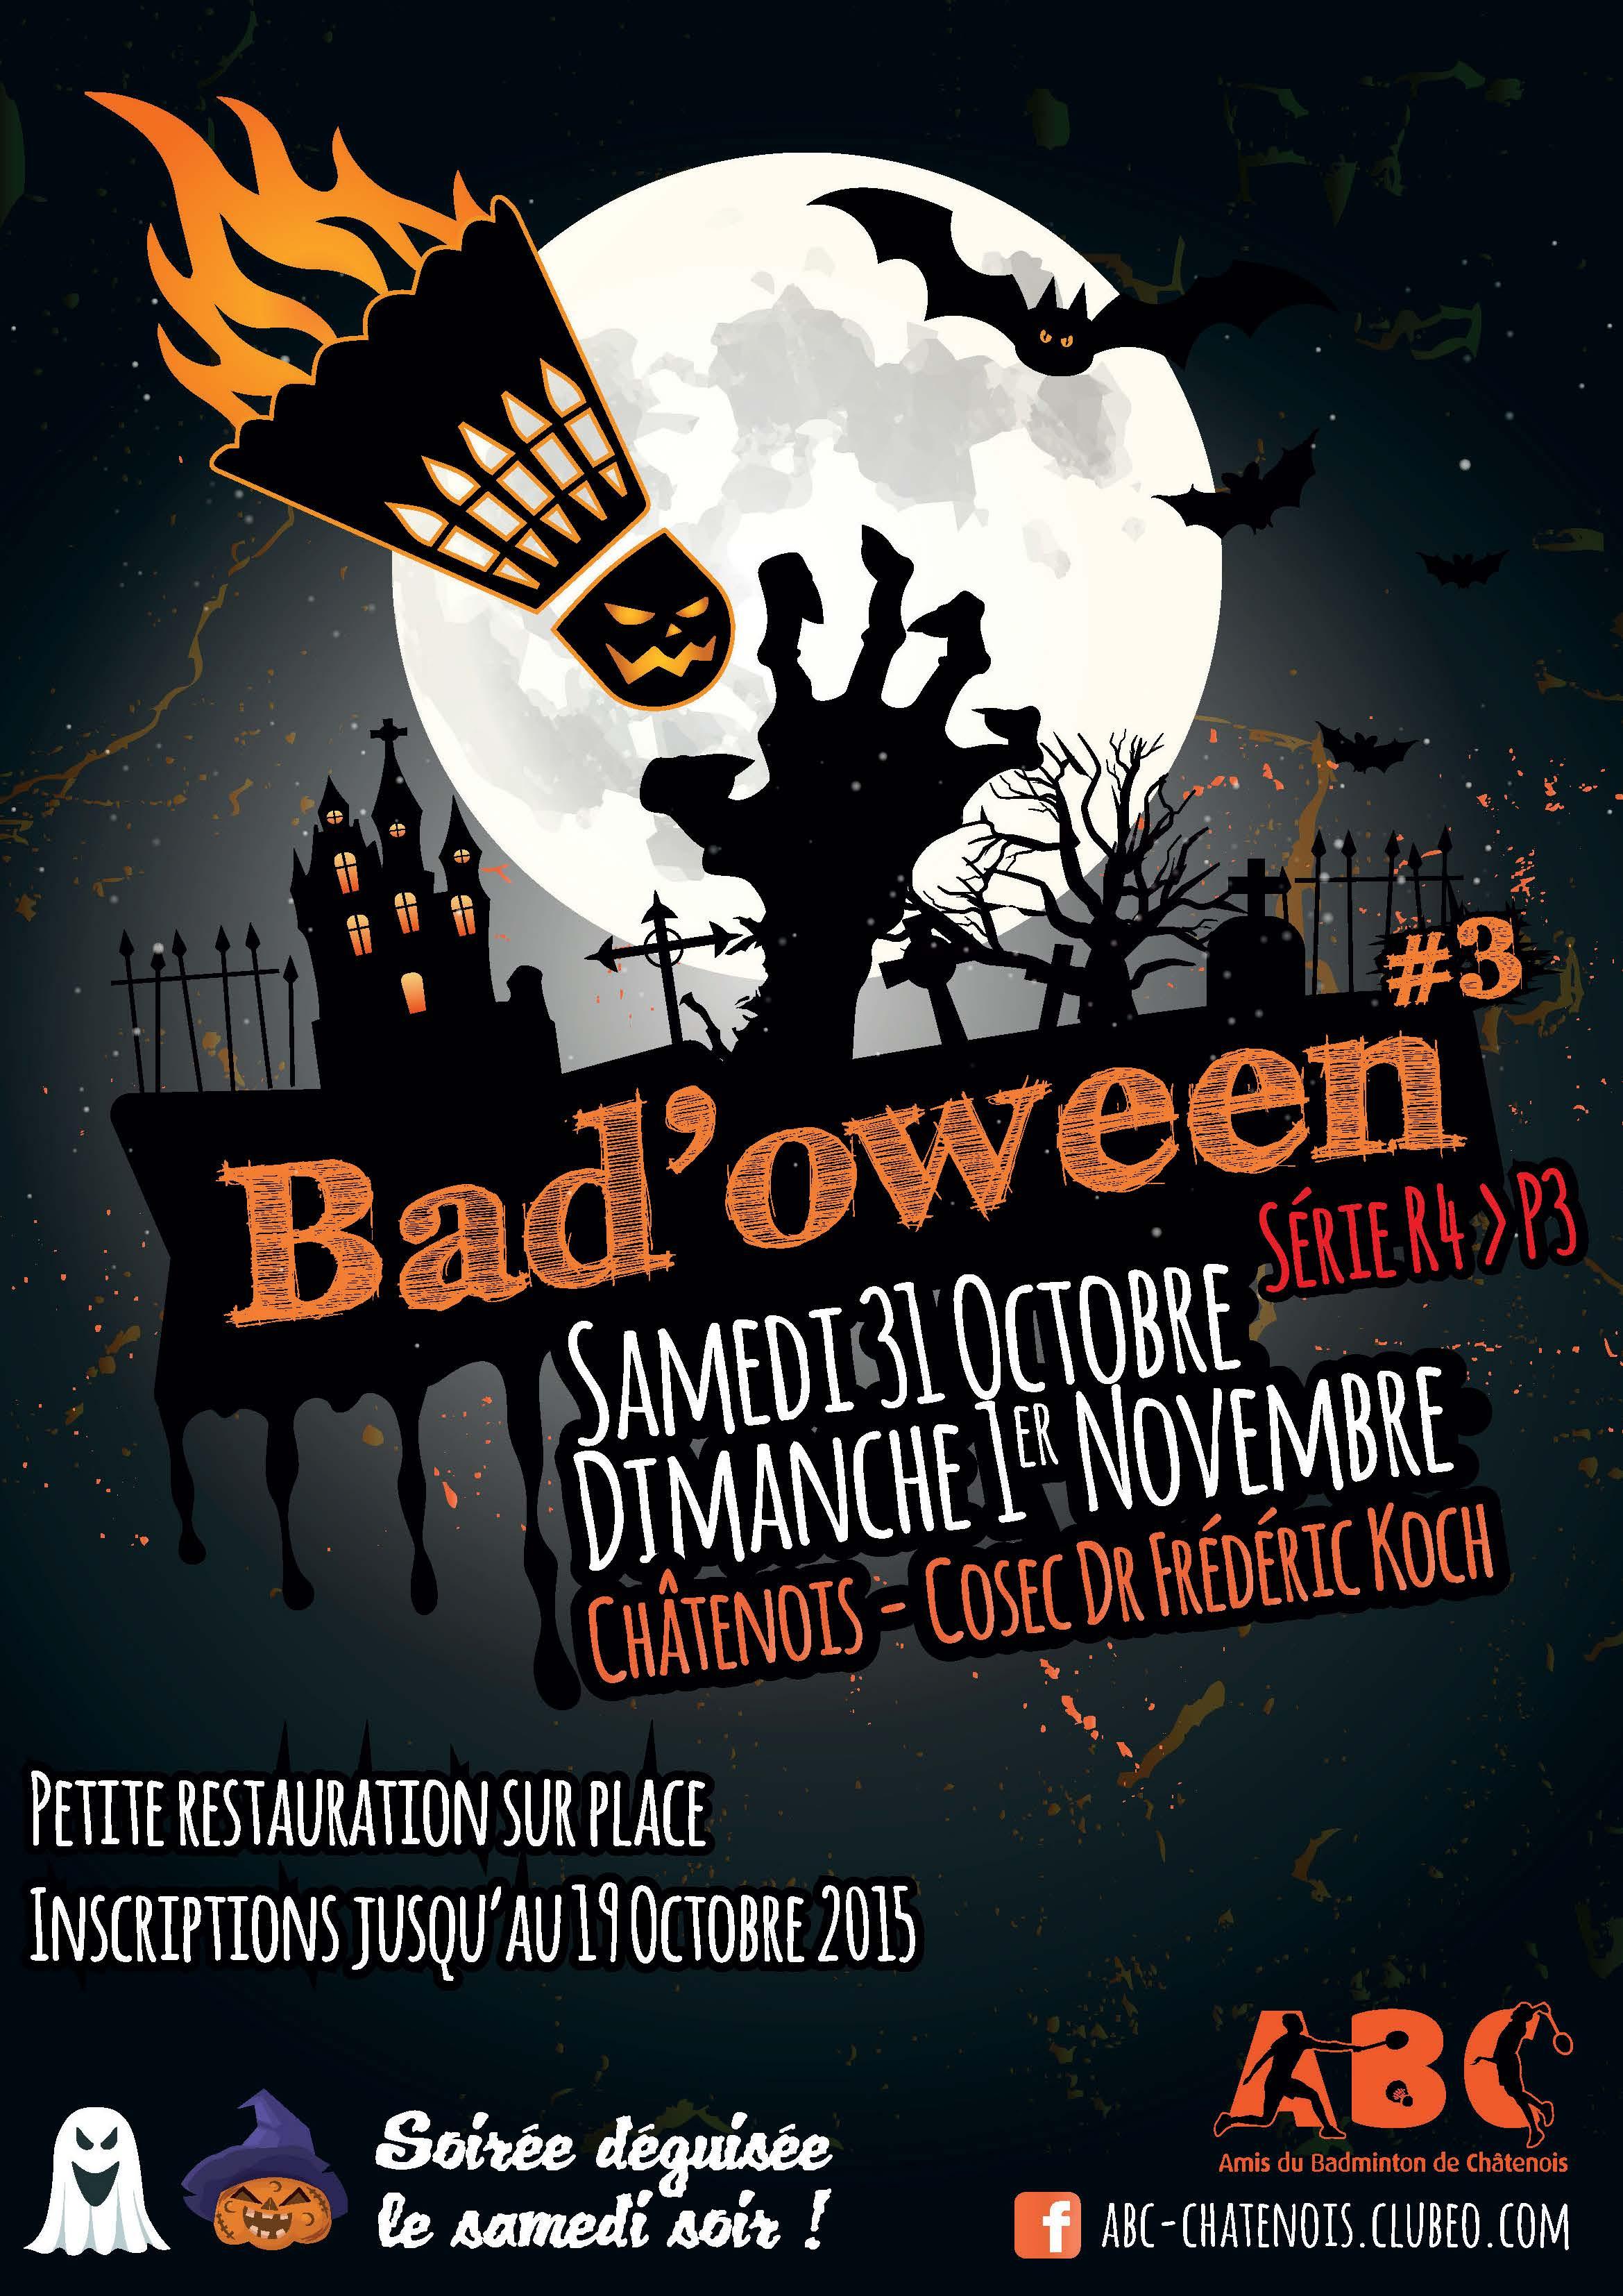 Affiche du tournoi Bad'oween